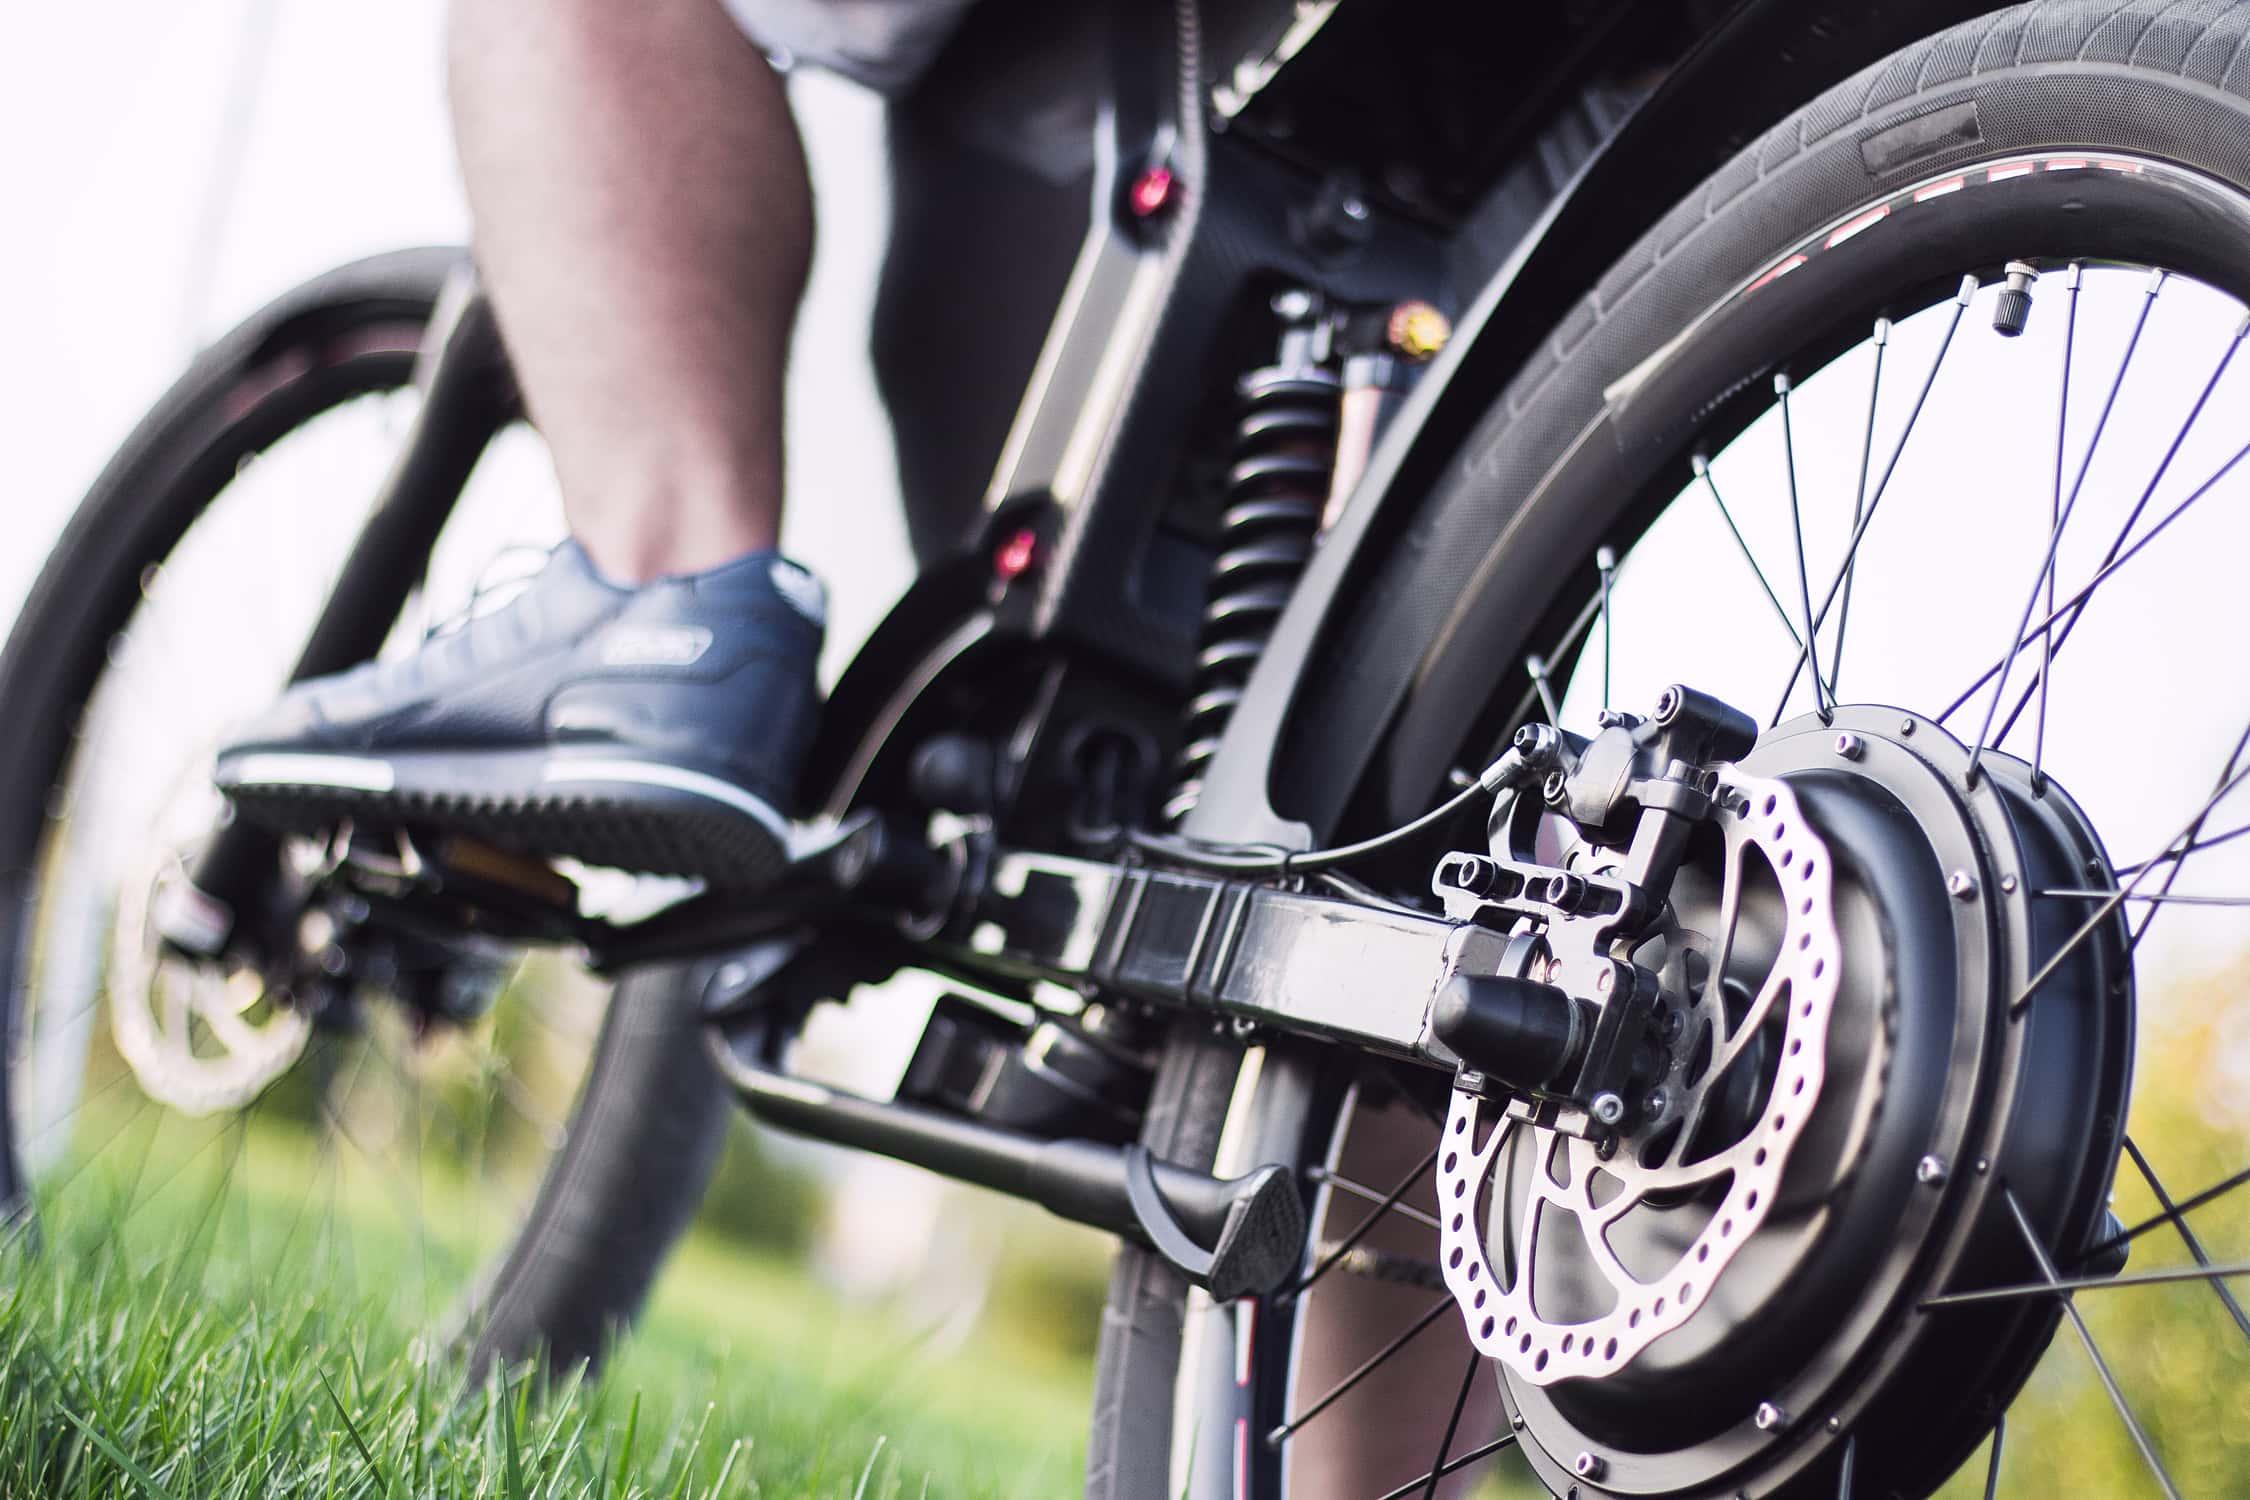 Nahaufnahme eines E-Bikes. Wie funktioniert ein E-Bike?